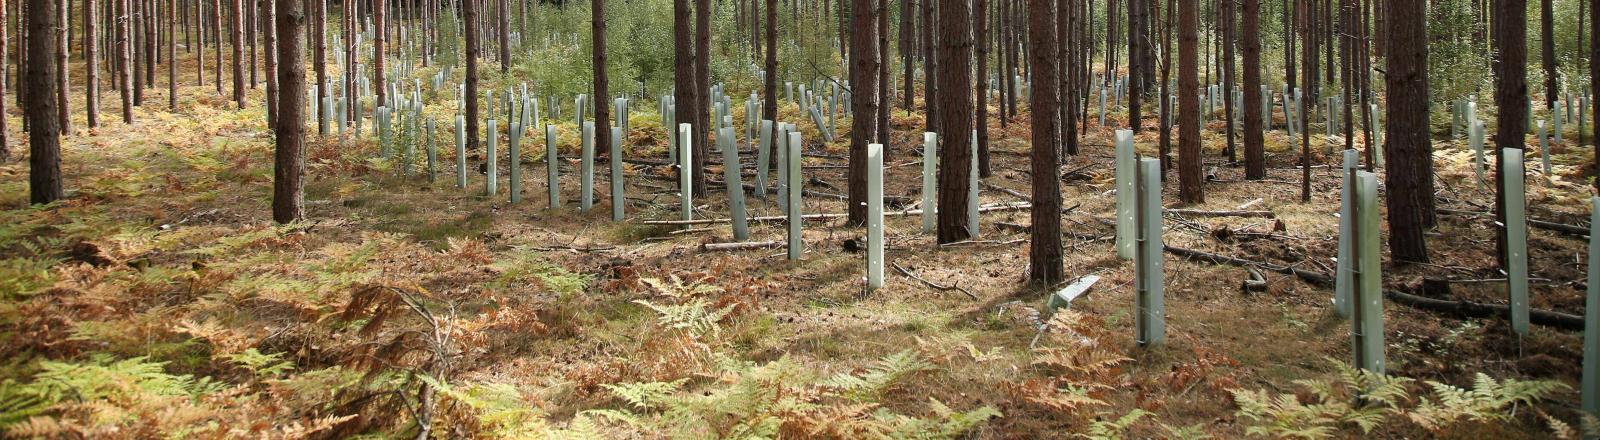 Ein Kiefernwald mit neuen Setzlingen